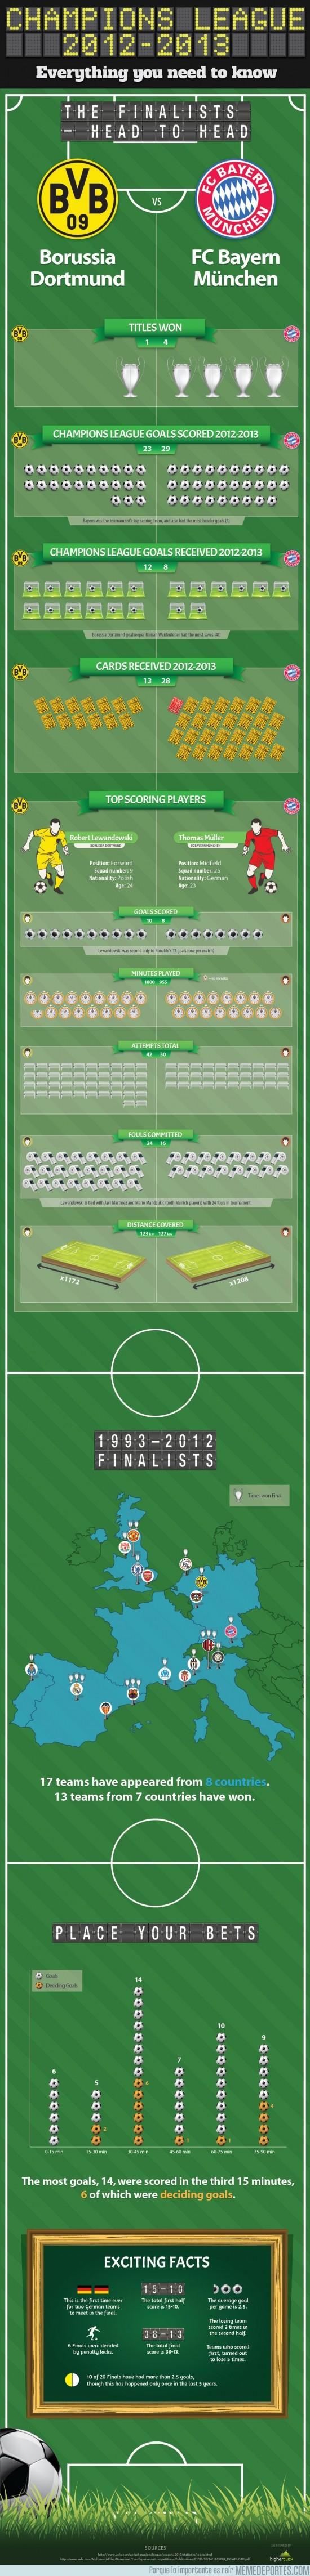 136769 - Todo lo que debes saber sobre los dos finalistas de Champions